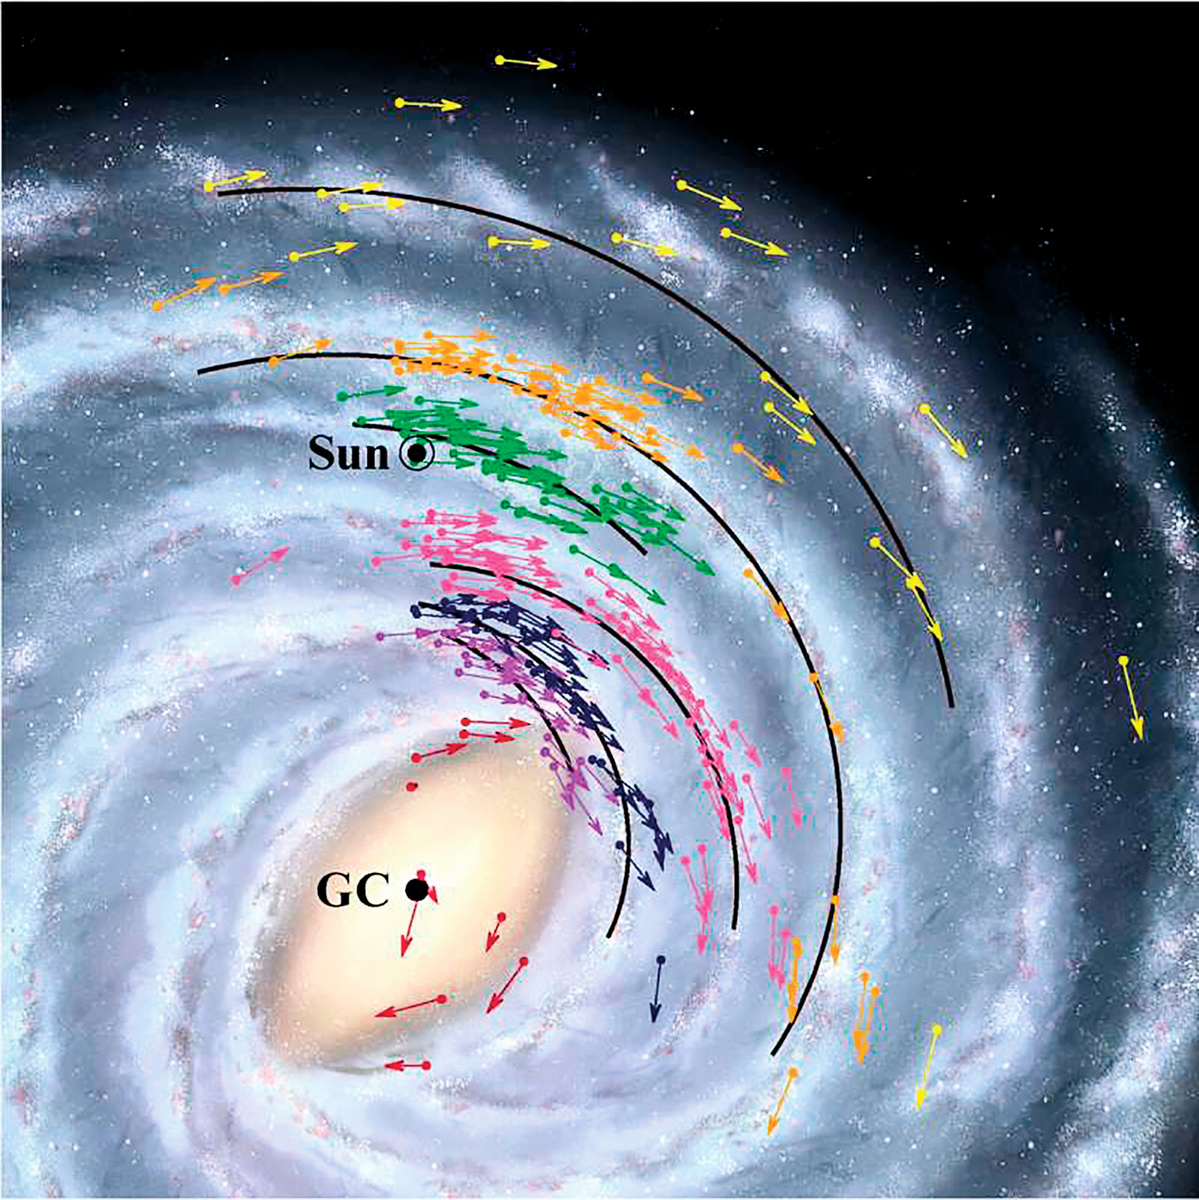 銀河系中224個天體位置和速度示意圖,其中每個天體的速度由箭頭標記,不同顏色被用來顯示天體所在旋臂的不同。(NAOJ)